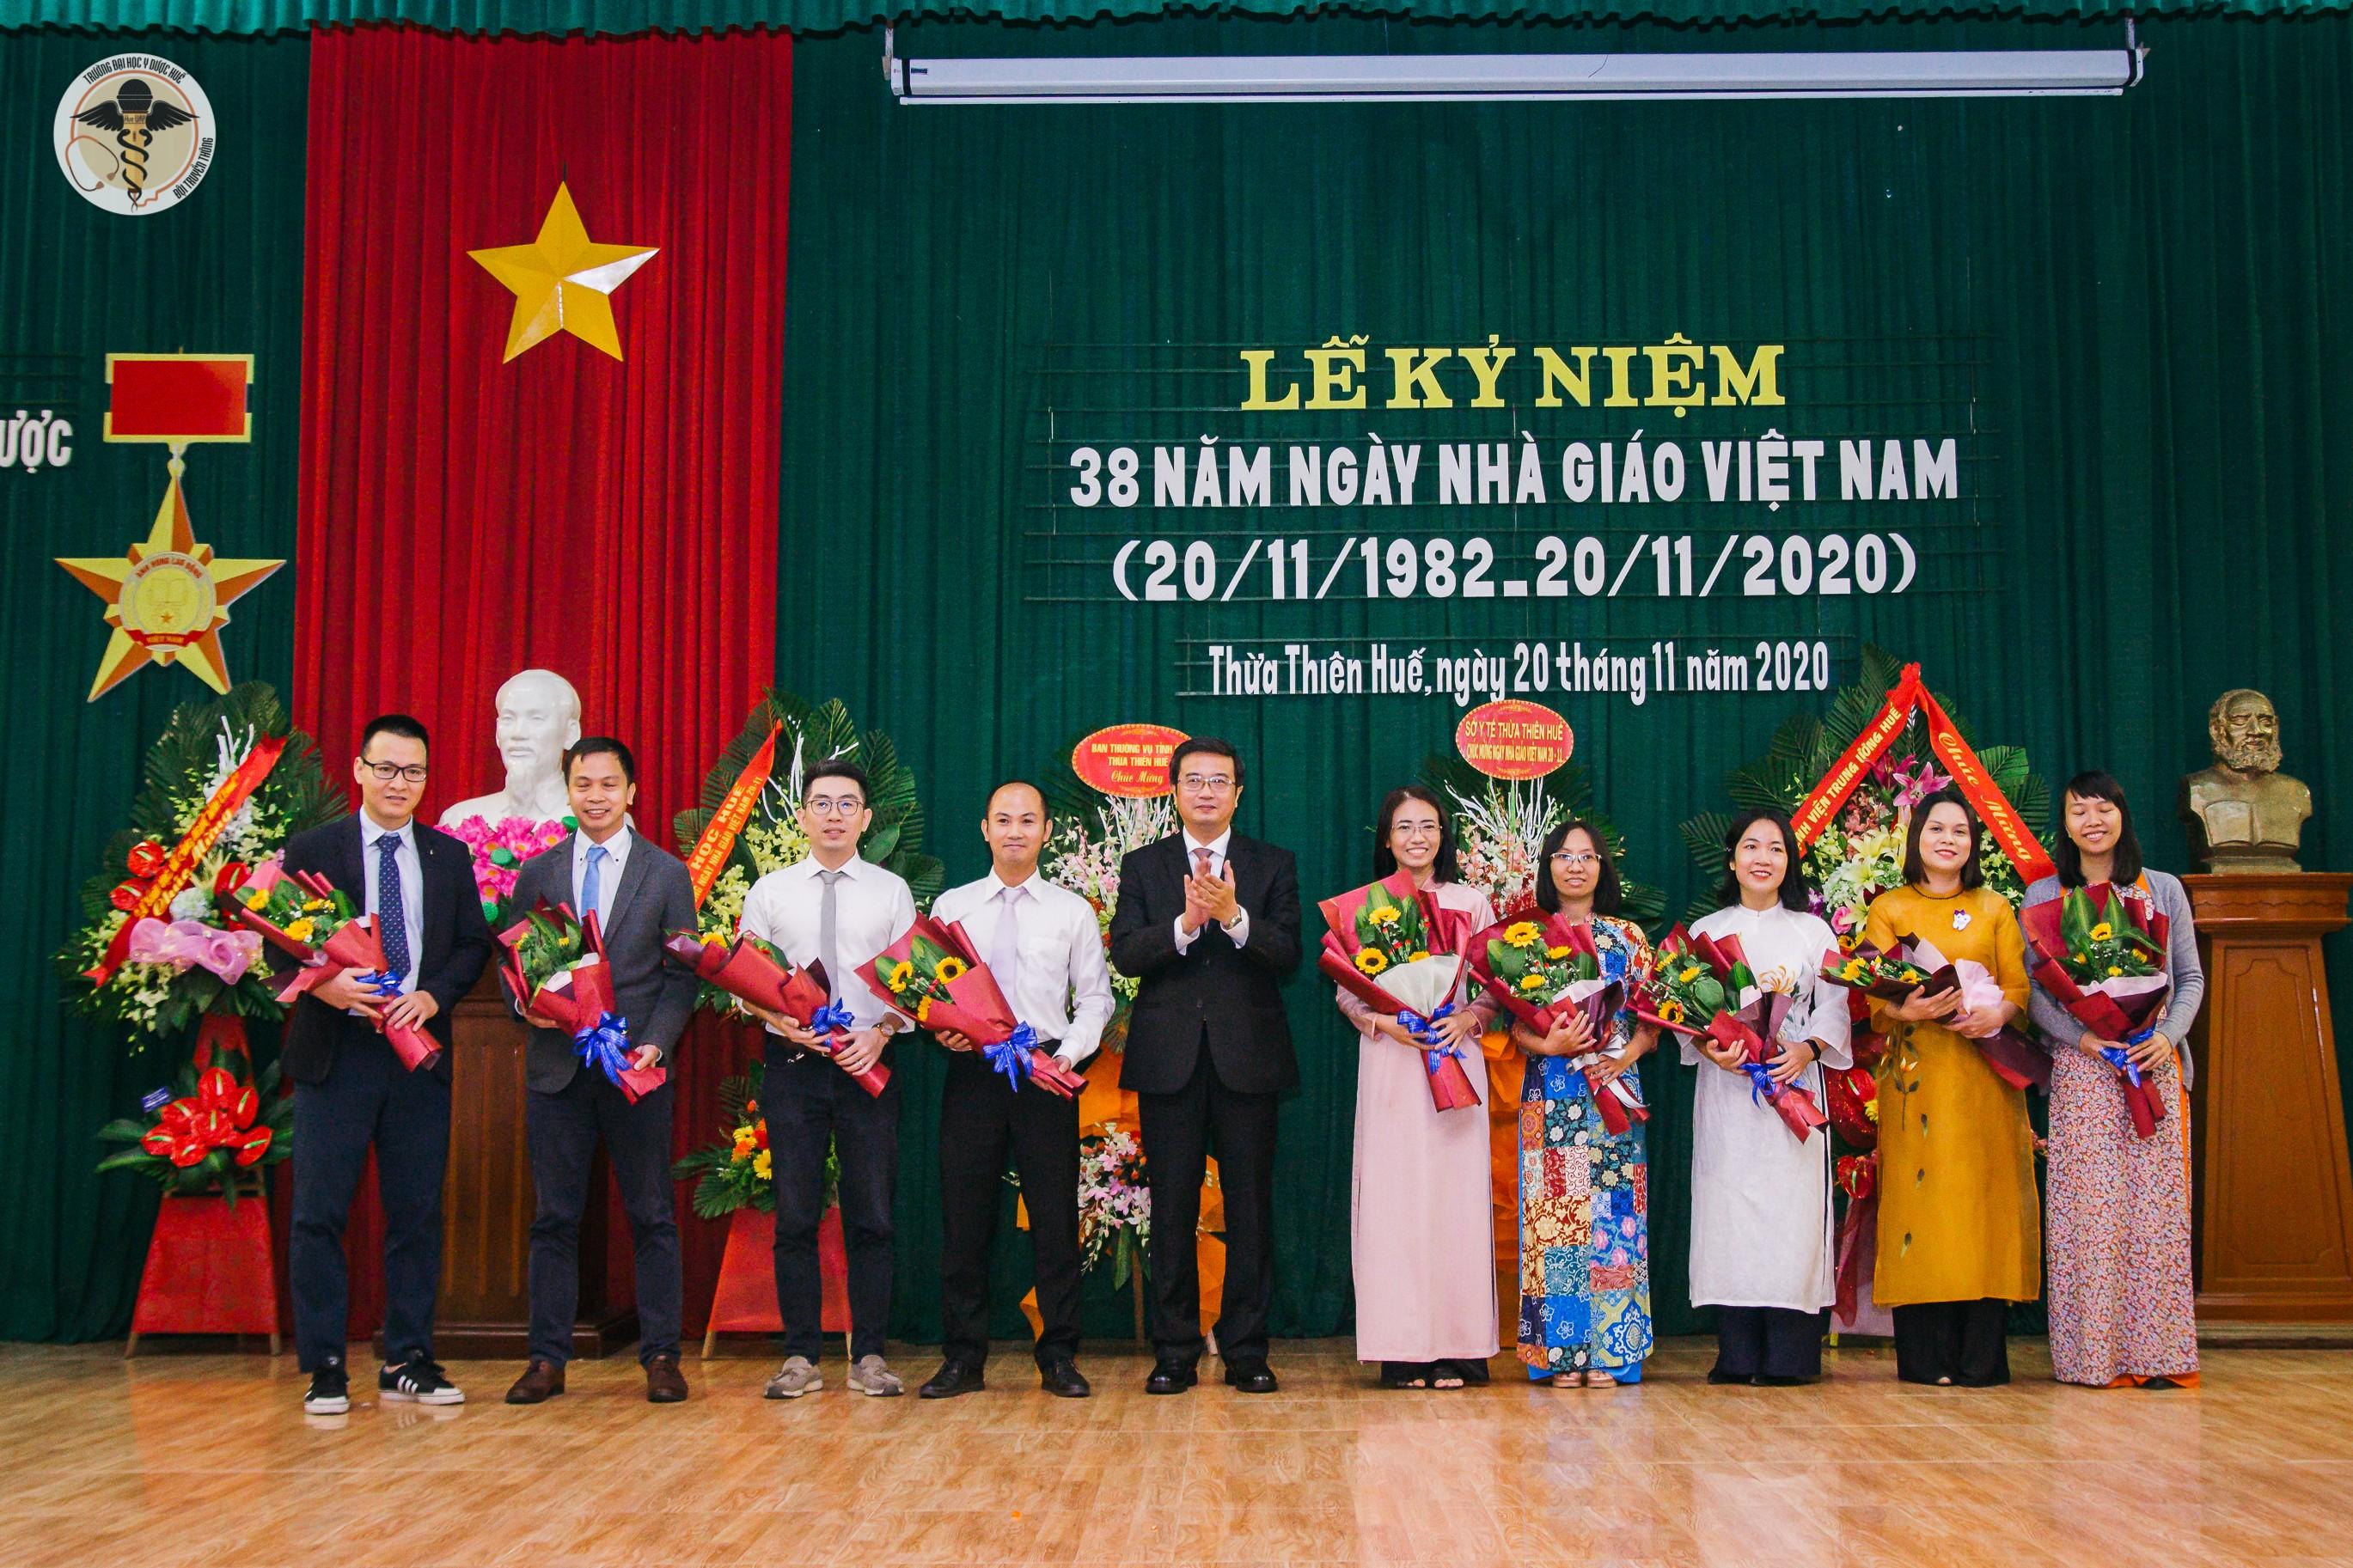 Lễ kỷ niệm 38 năm ngày Nhà giáo Việt Nam 20-11